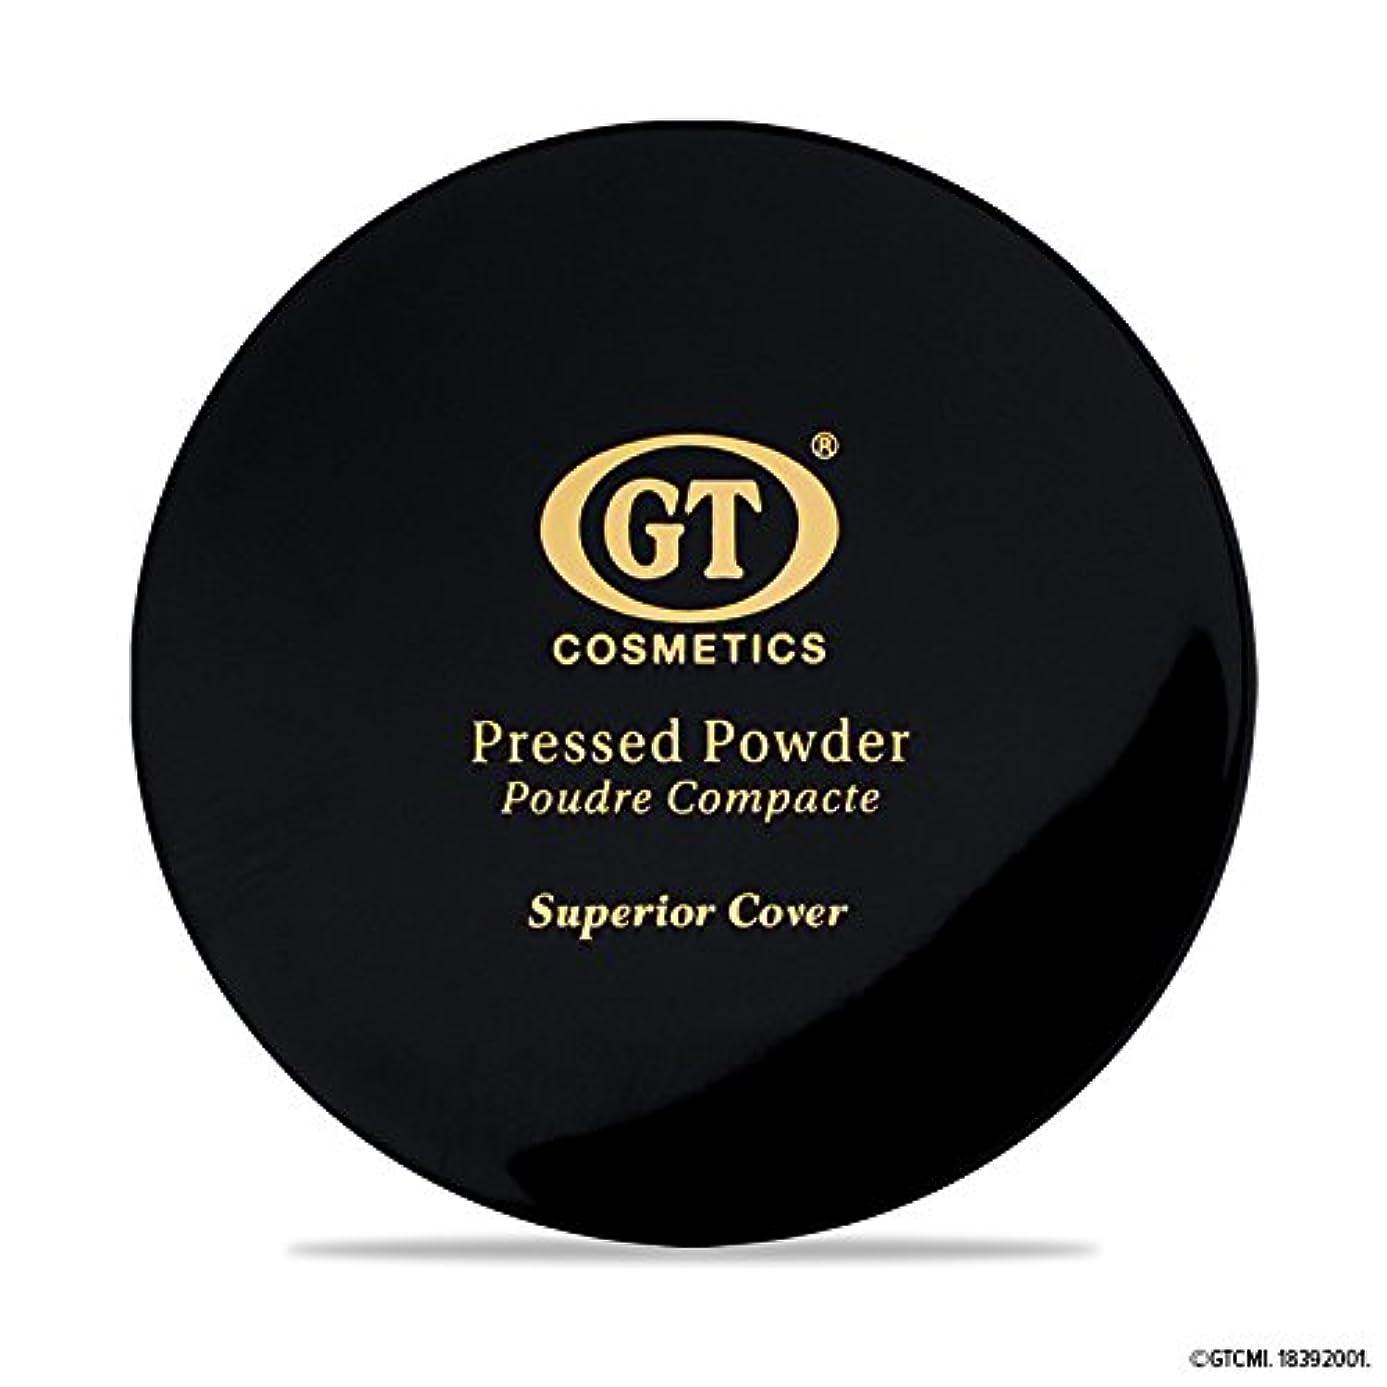 予見する結び目役員GTpressed powder ライトベージュ SPF20 正規輸入代理店 日本初上陸 コスメティック オーガニック ファンデーション